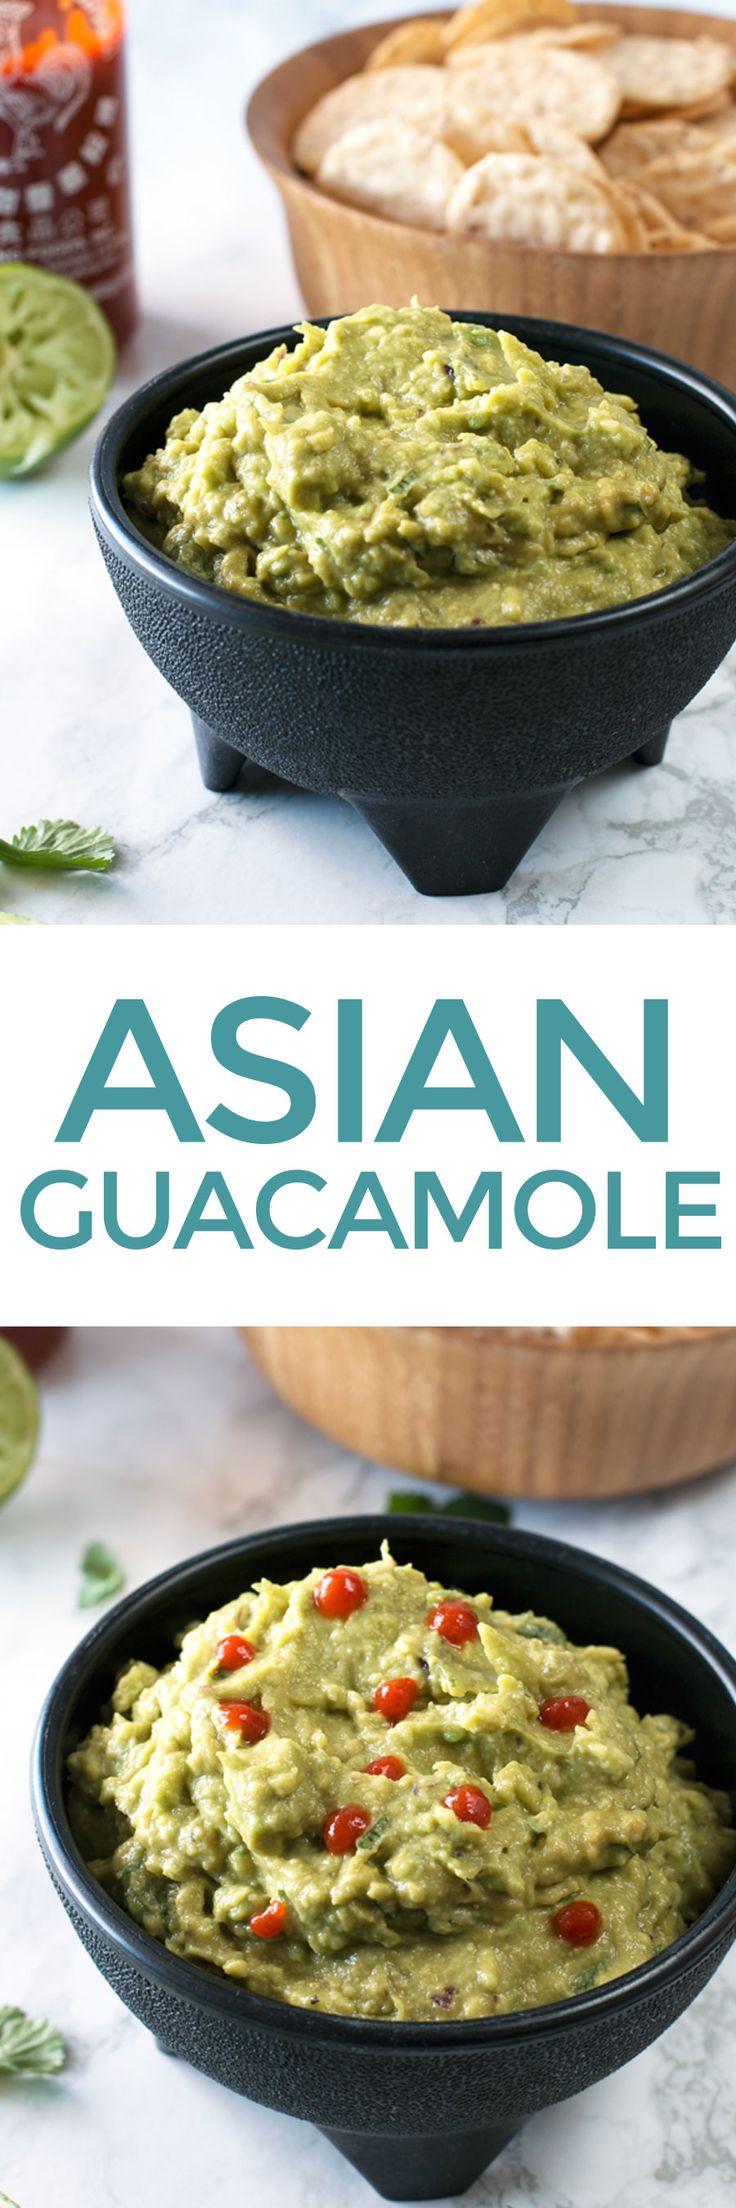 Asian Guacamole – Cake 'n Knife